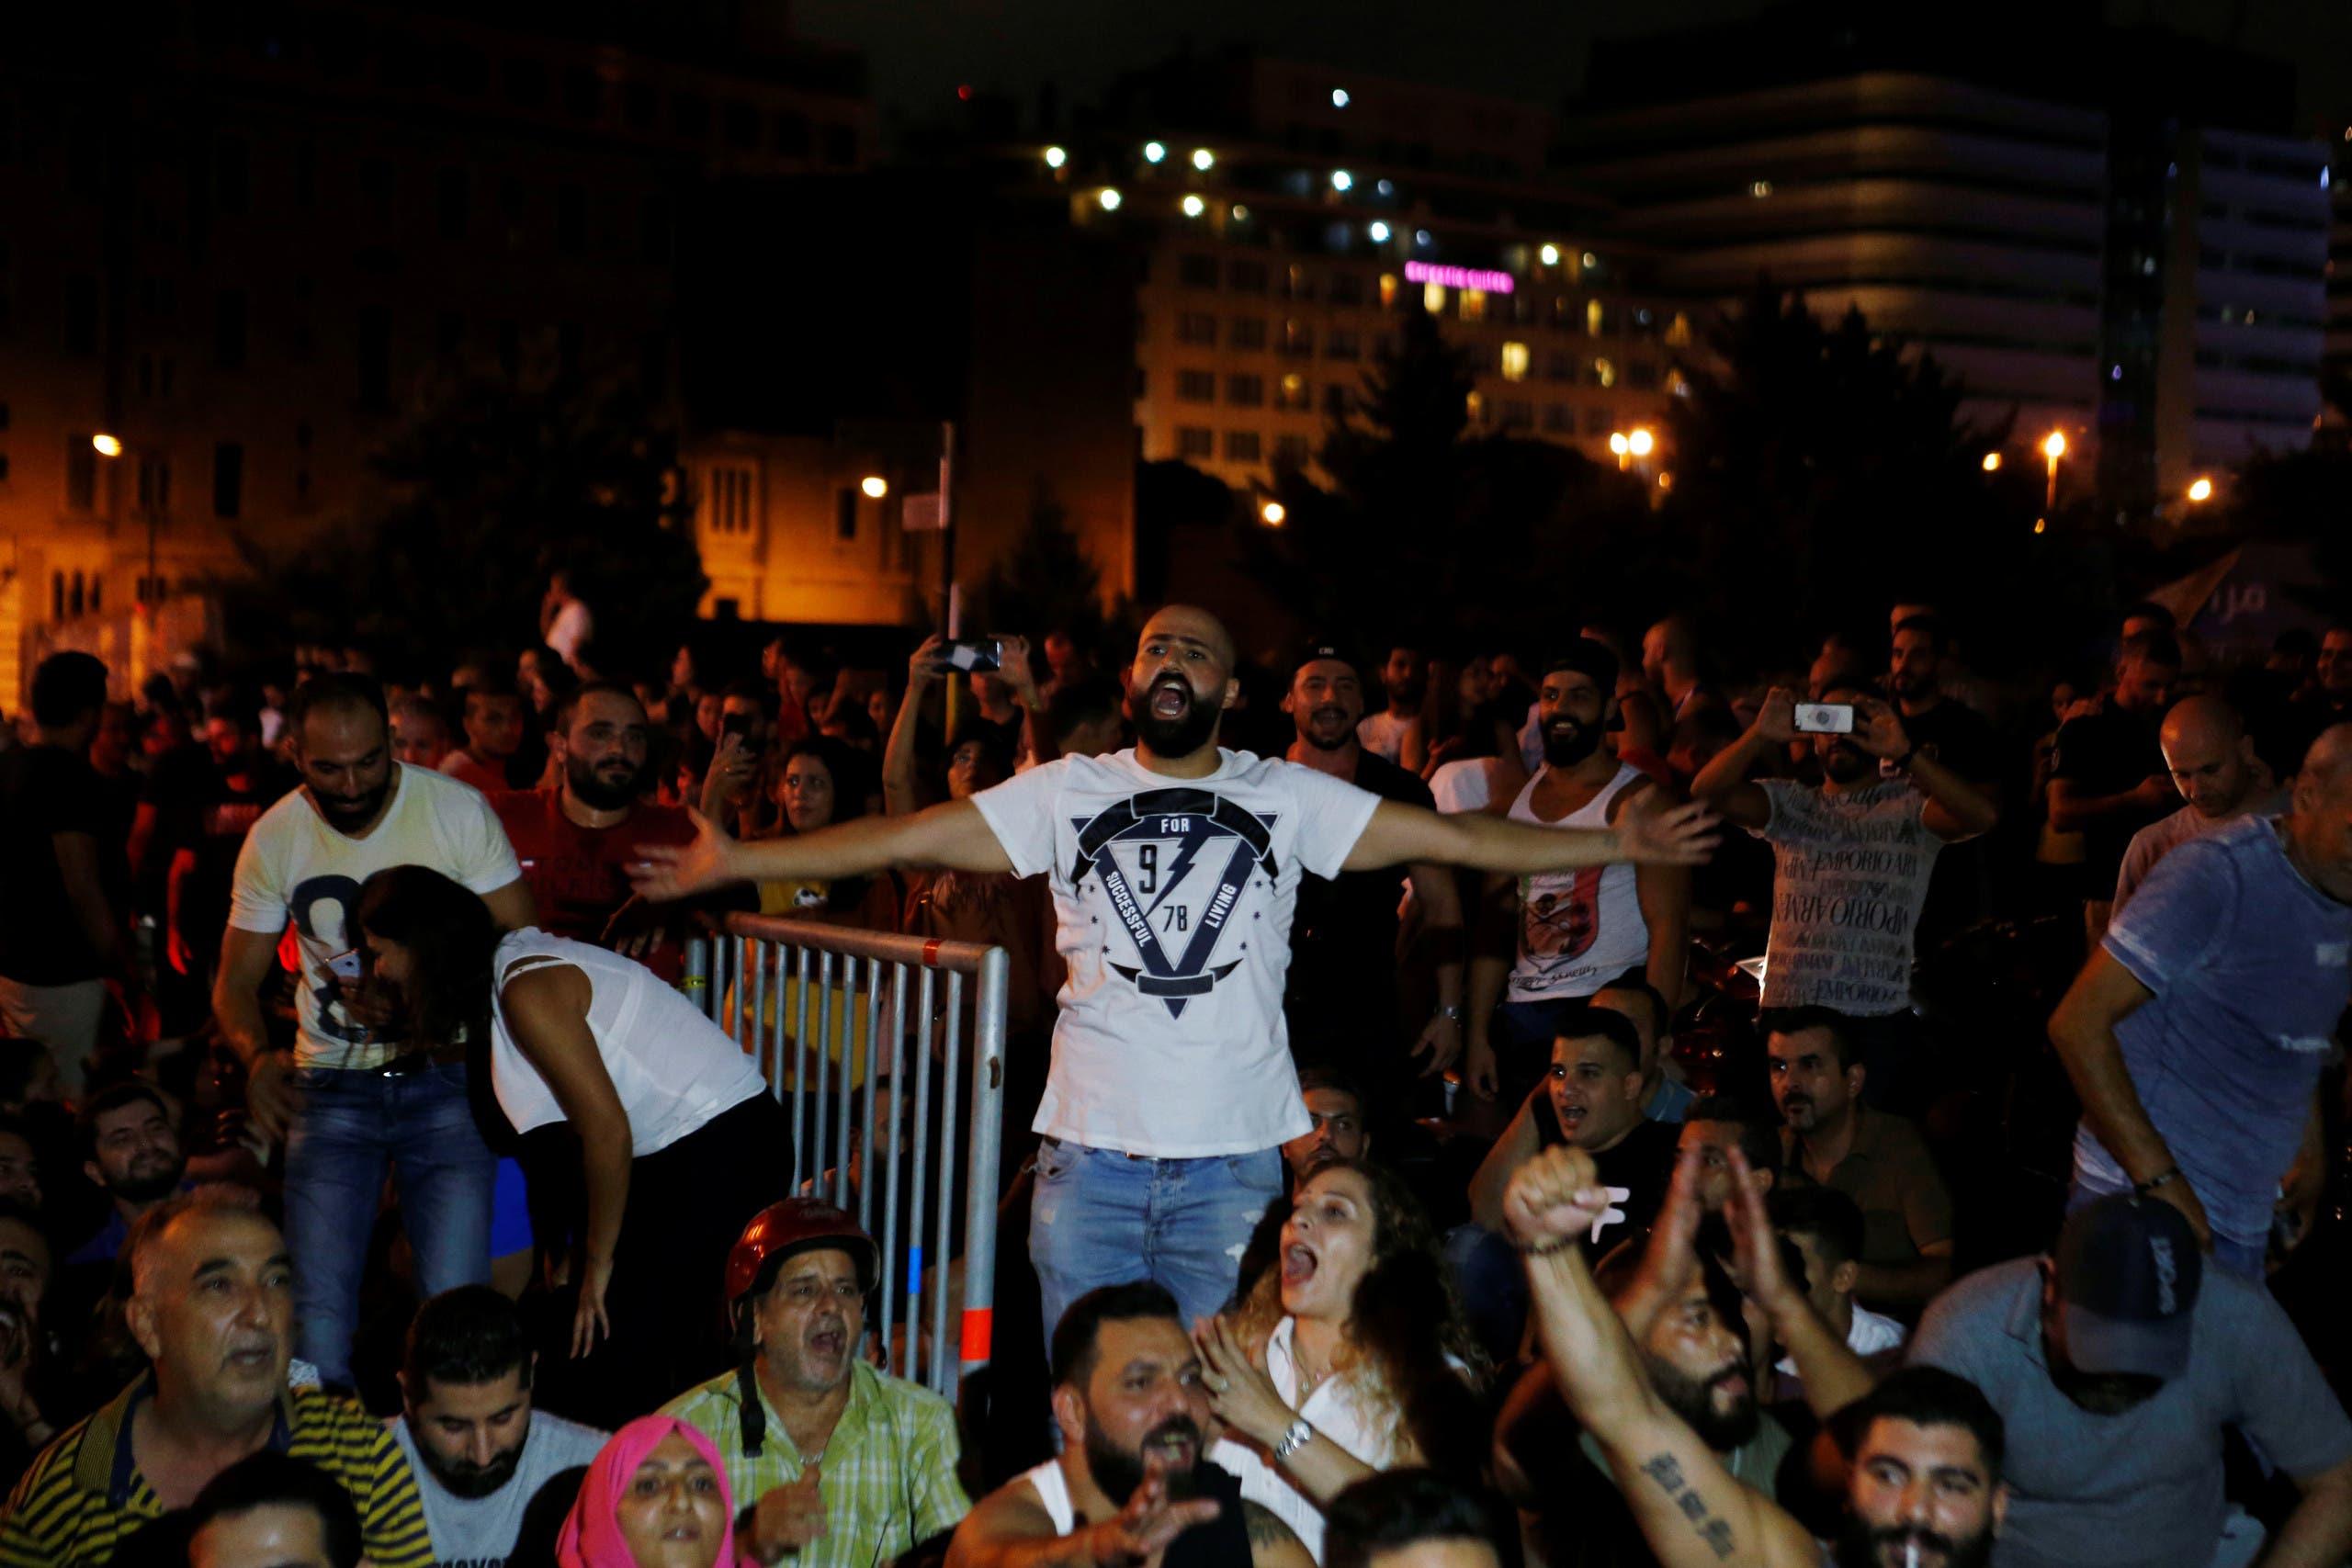 تظاهرات وسط بيروت (17 أكتوبر رويترز)